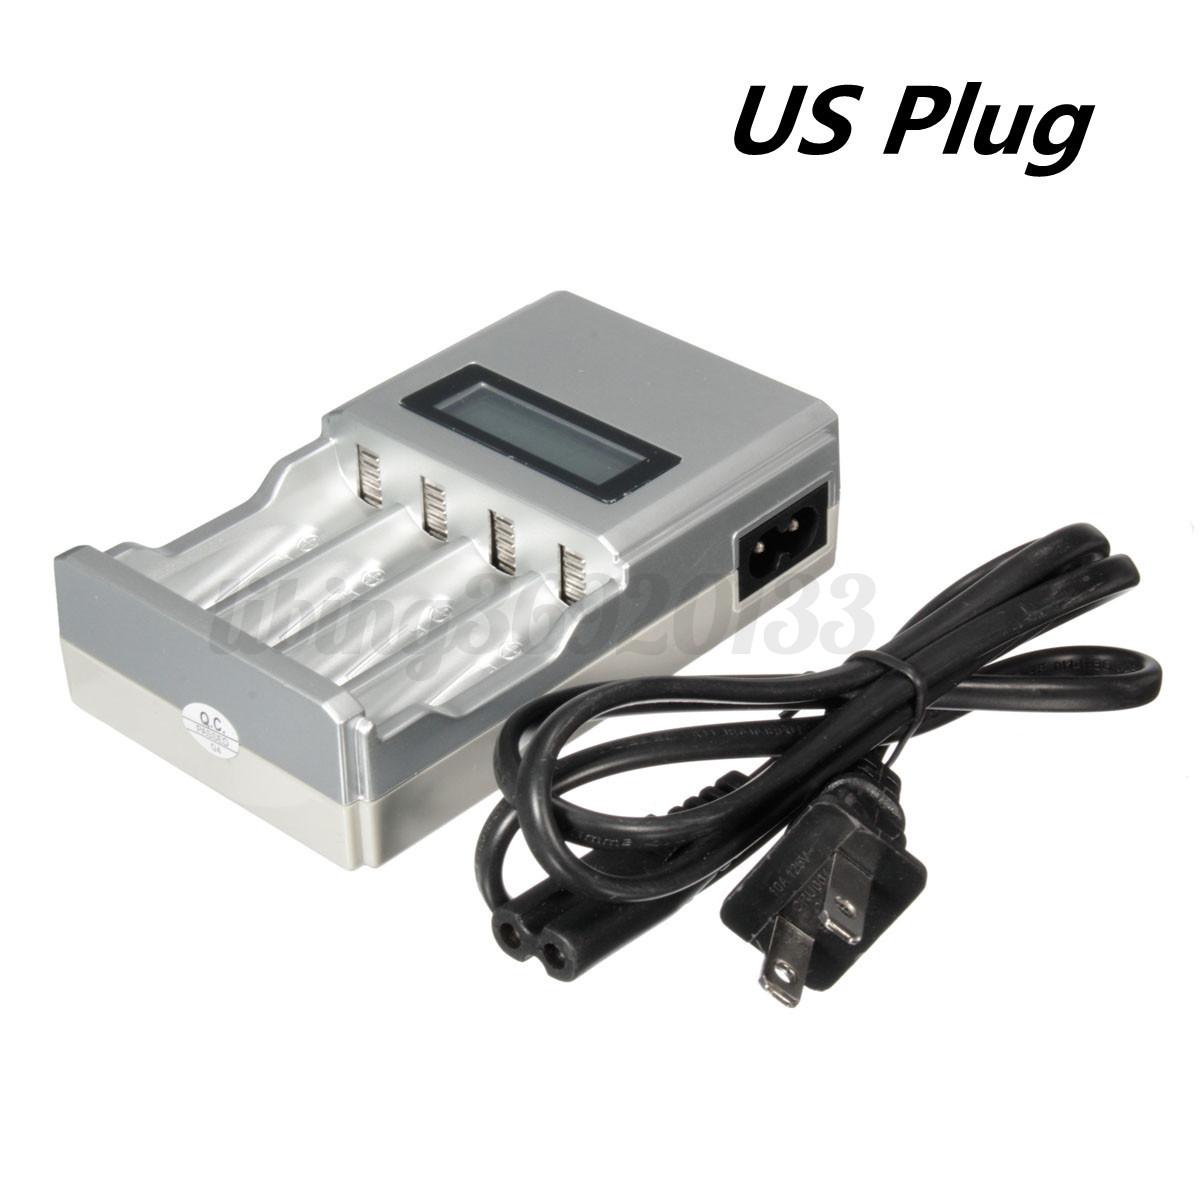 Lcd intelligence smart chargeur de pile eu plug prise pour - Chargeur de piles intelligent ...